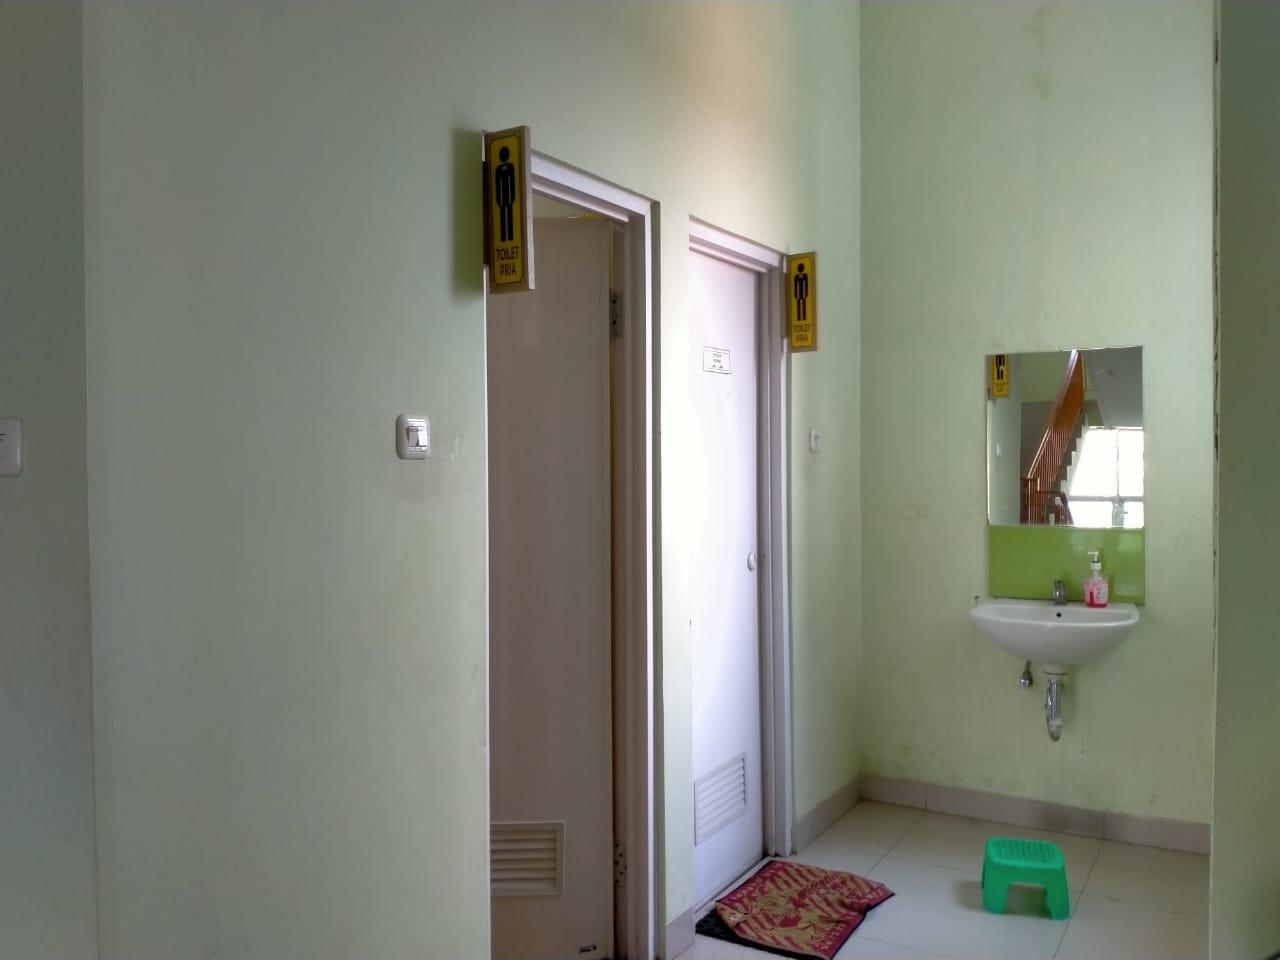 fasilitas-toilet-laki-laki-dan-perempuan